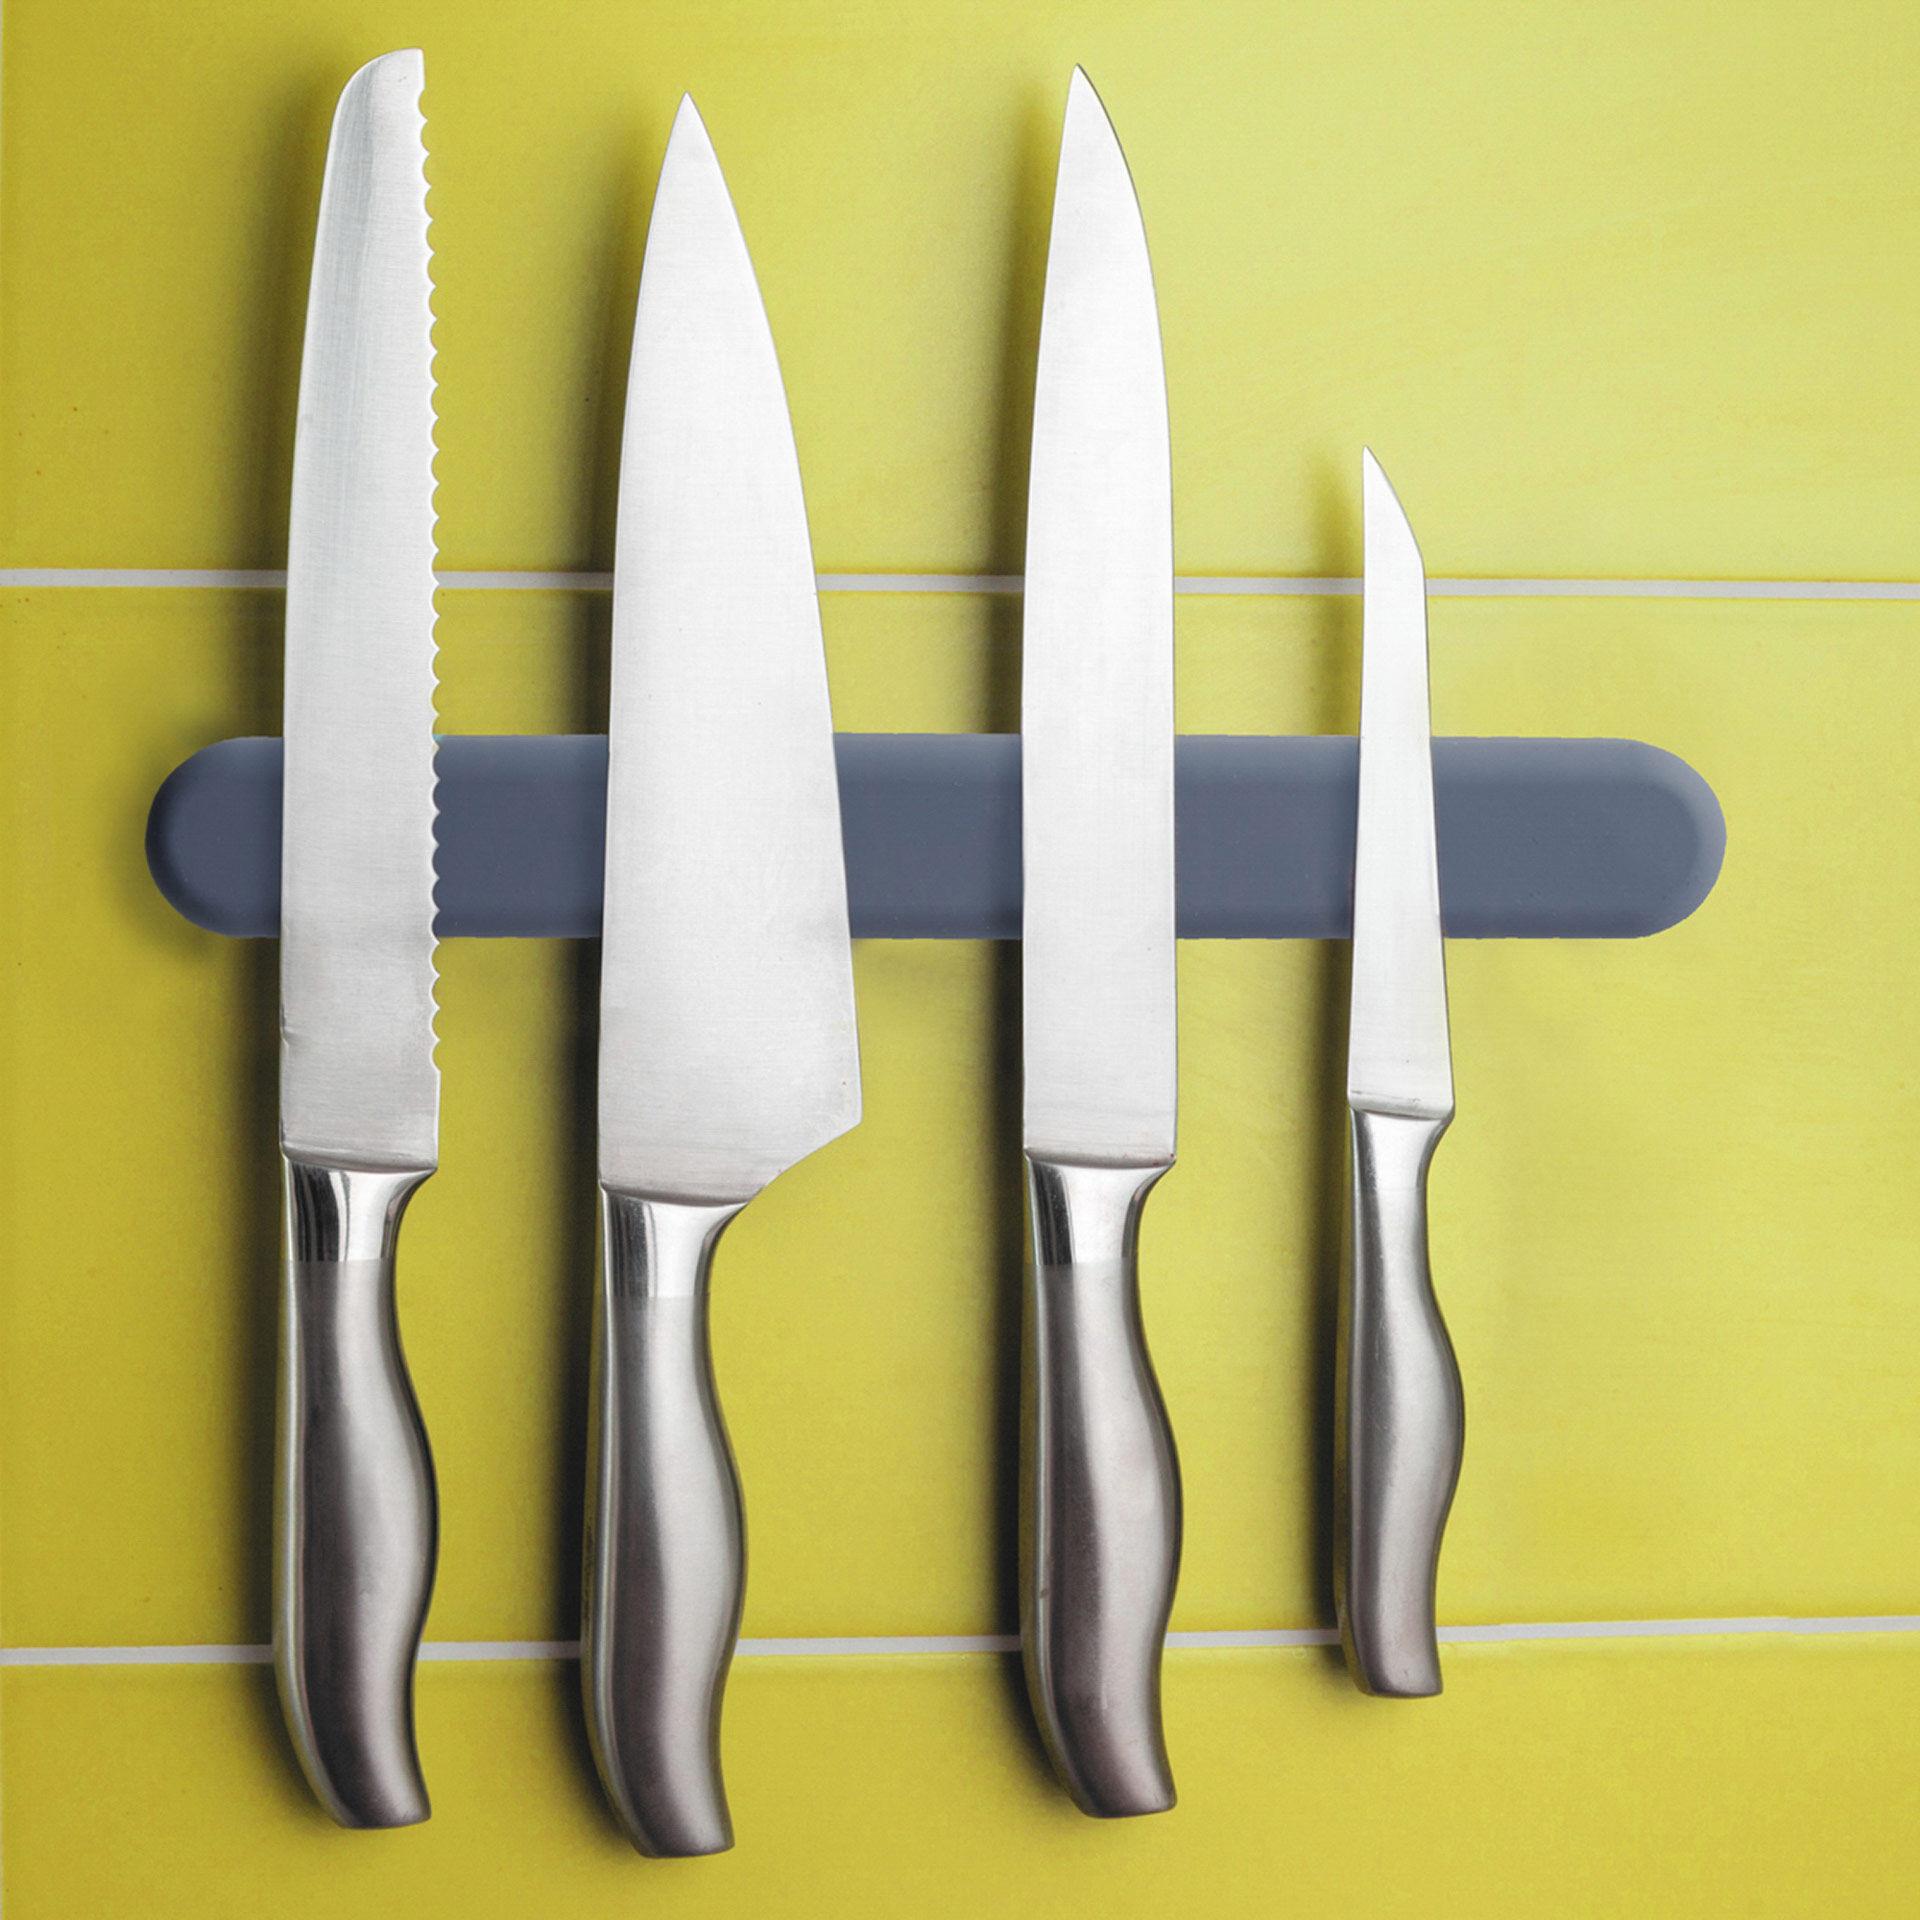 Barre magnétique pour couteaux recouverte de silicone, , large